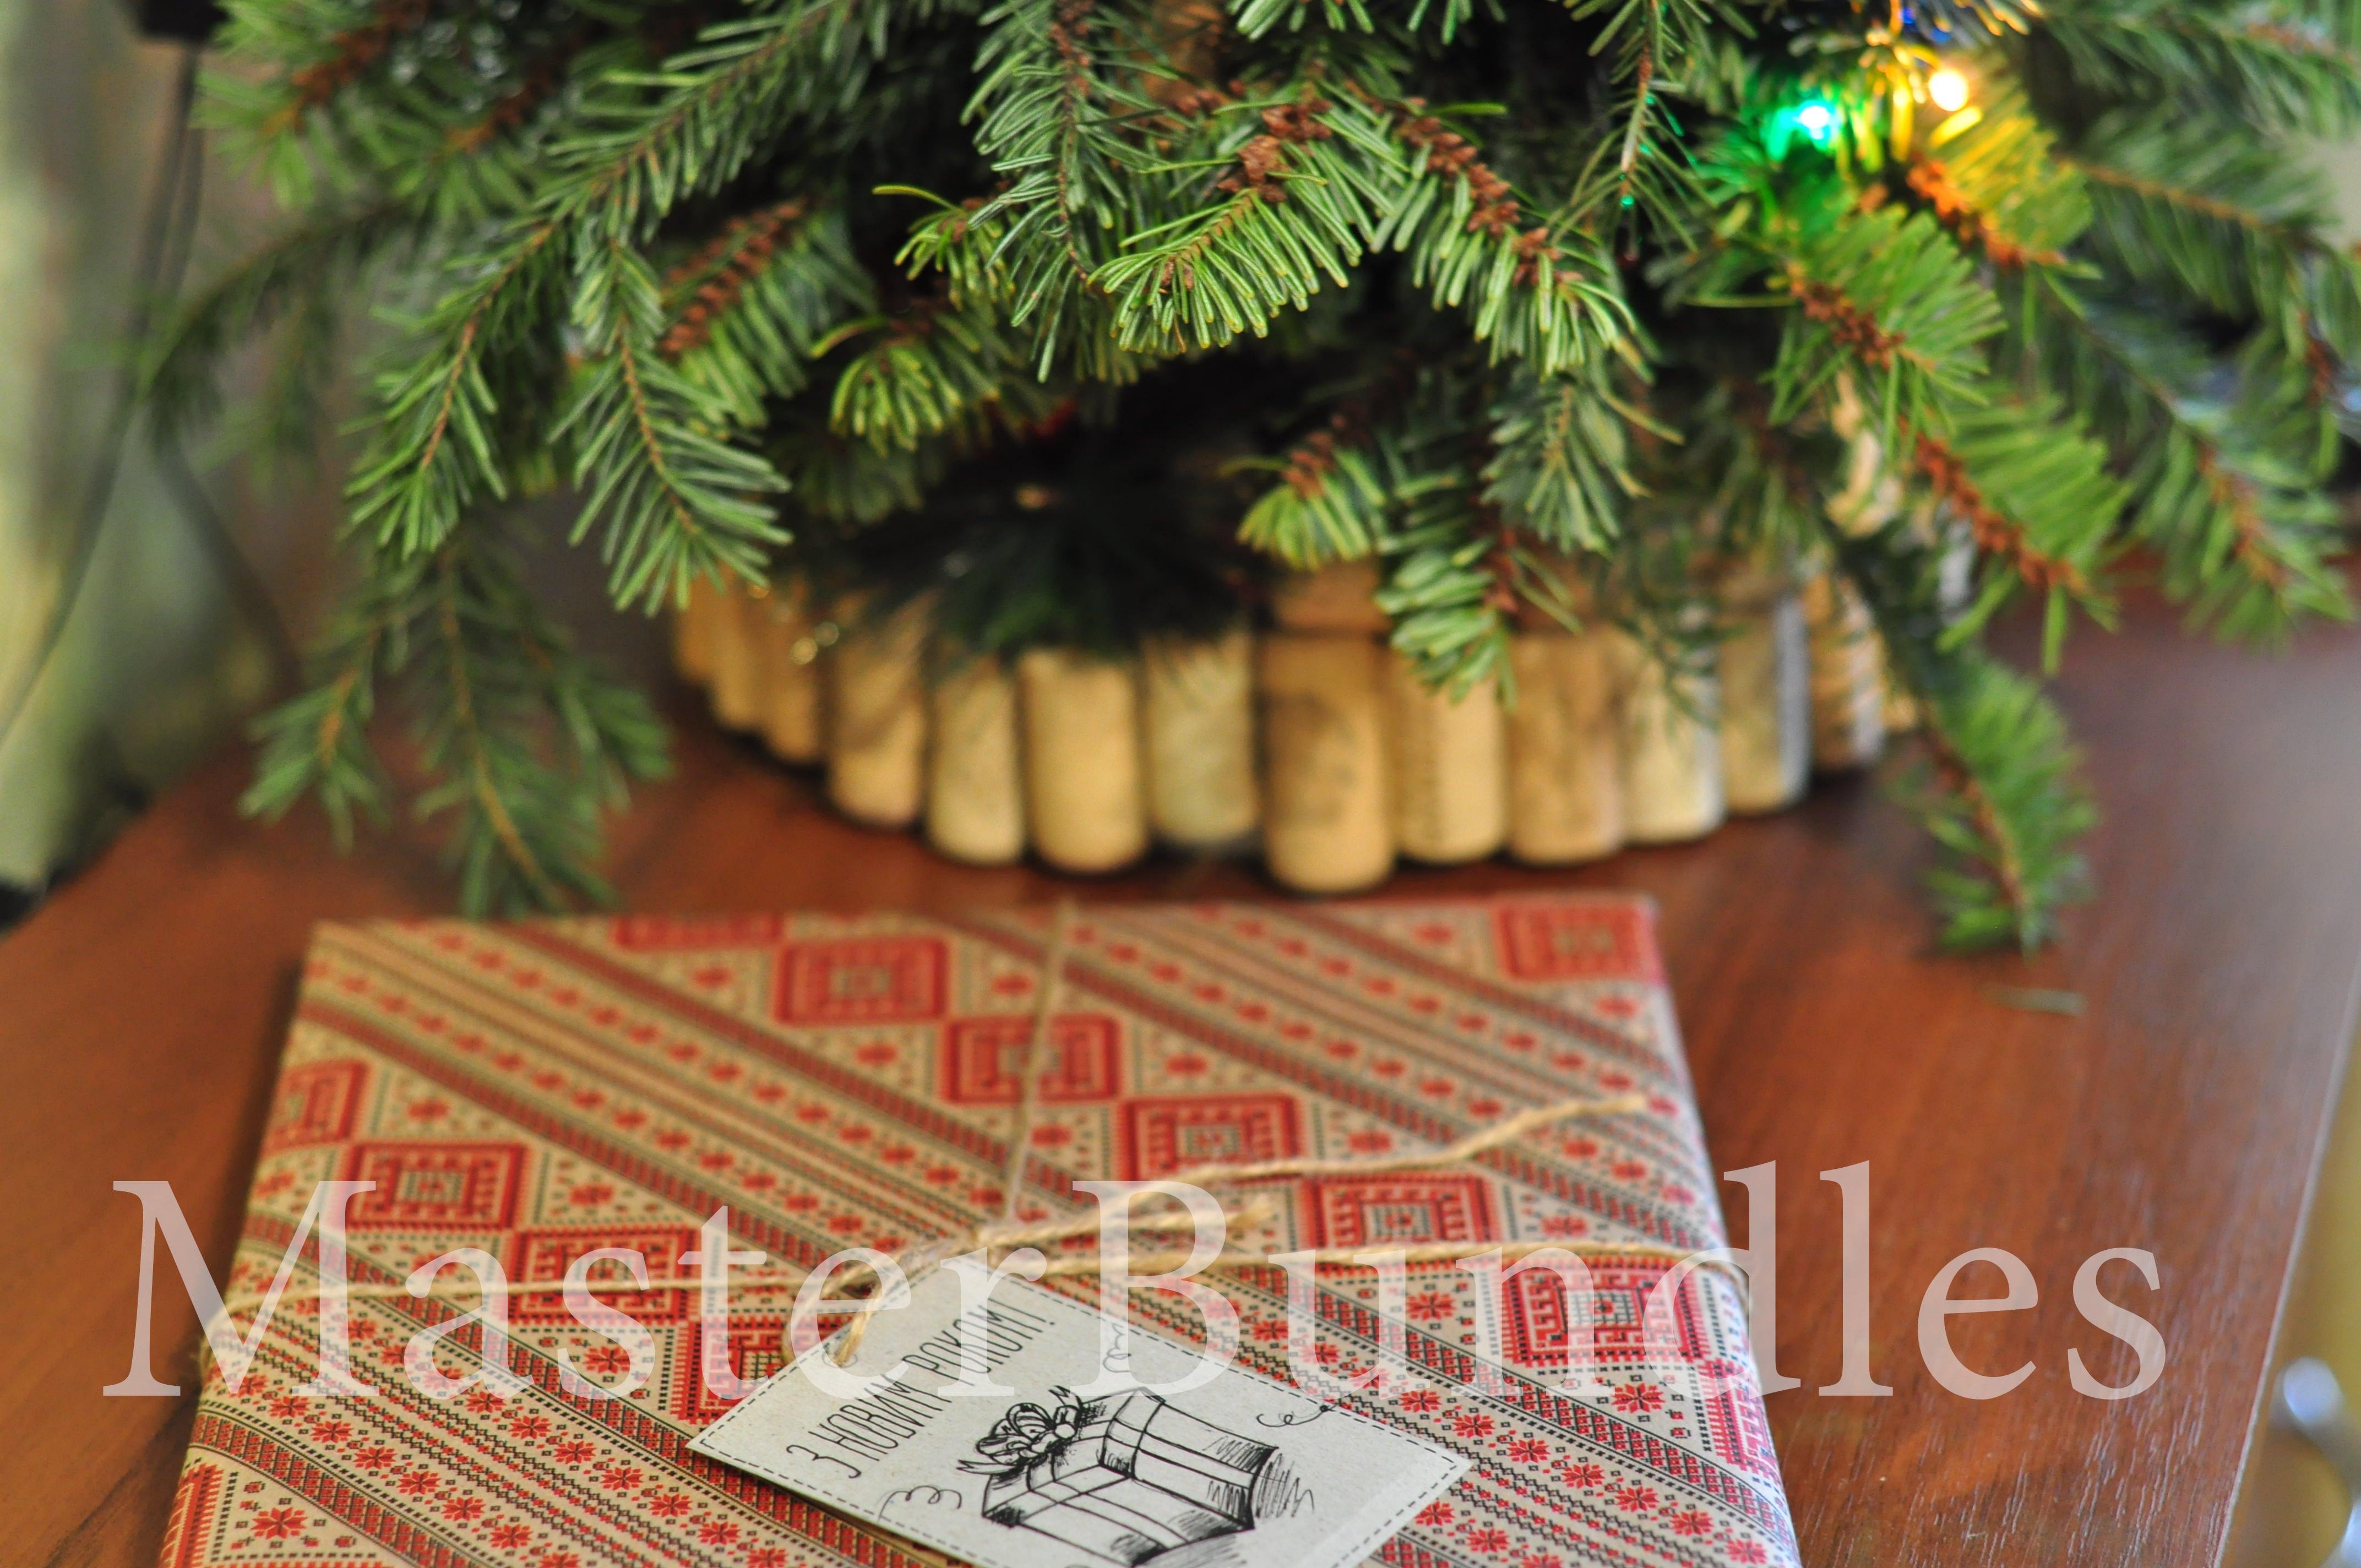 Christmas Photography: Amazing Holiday Photos